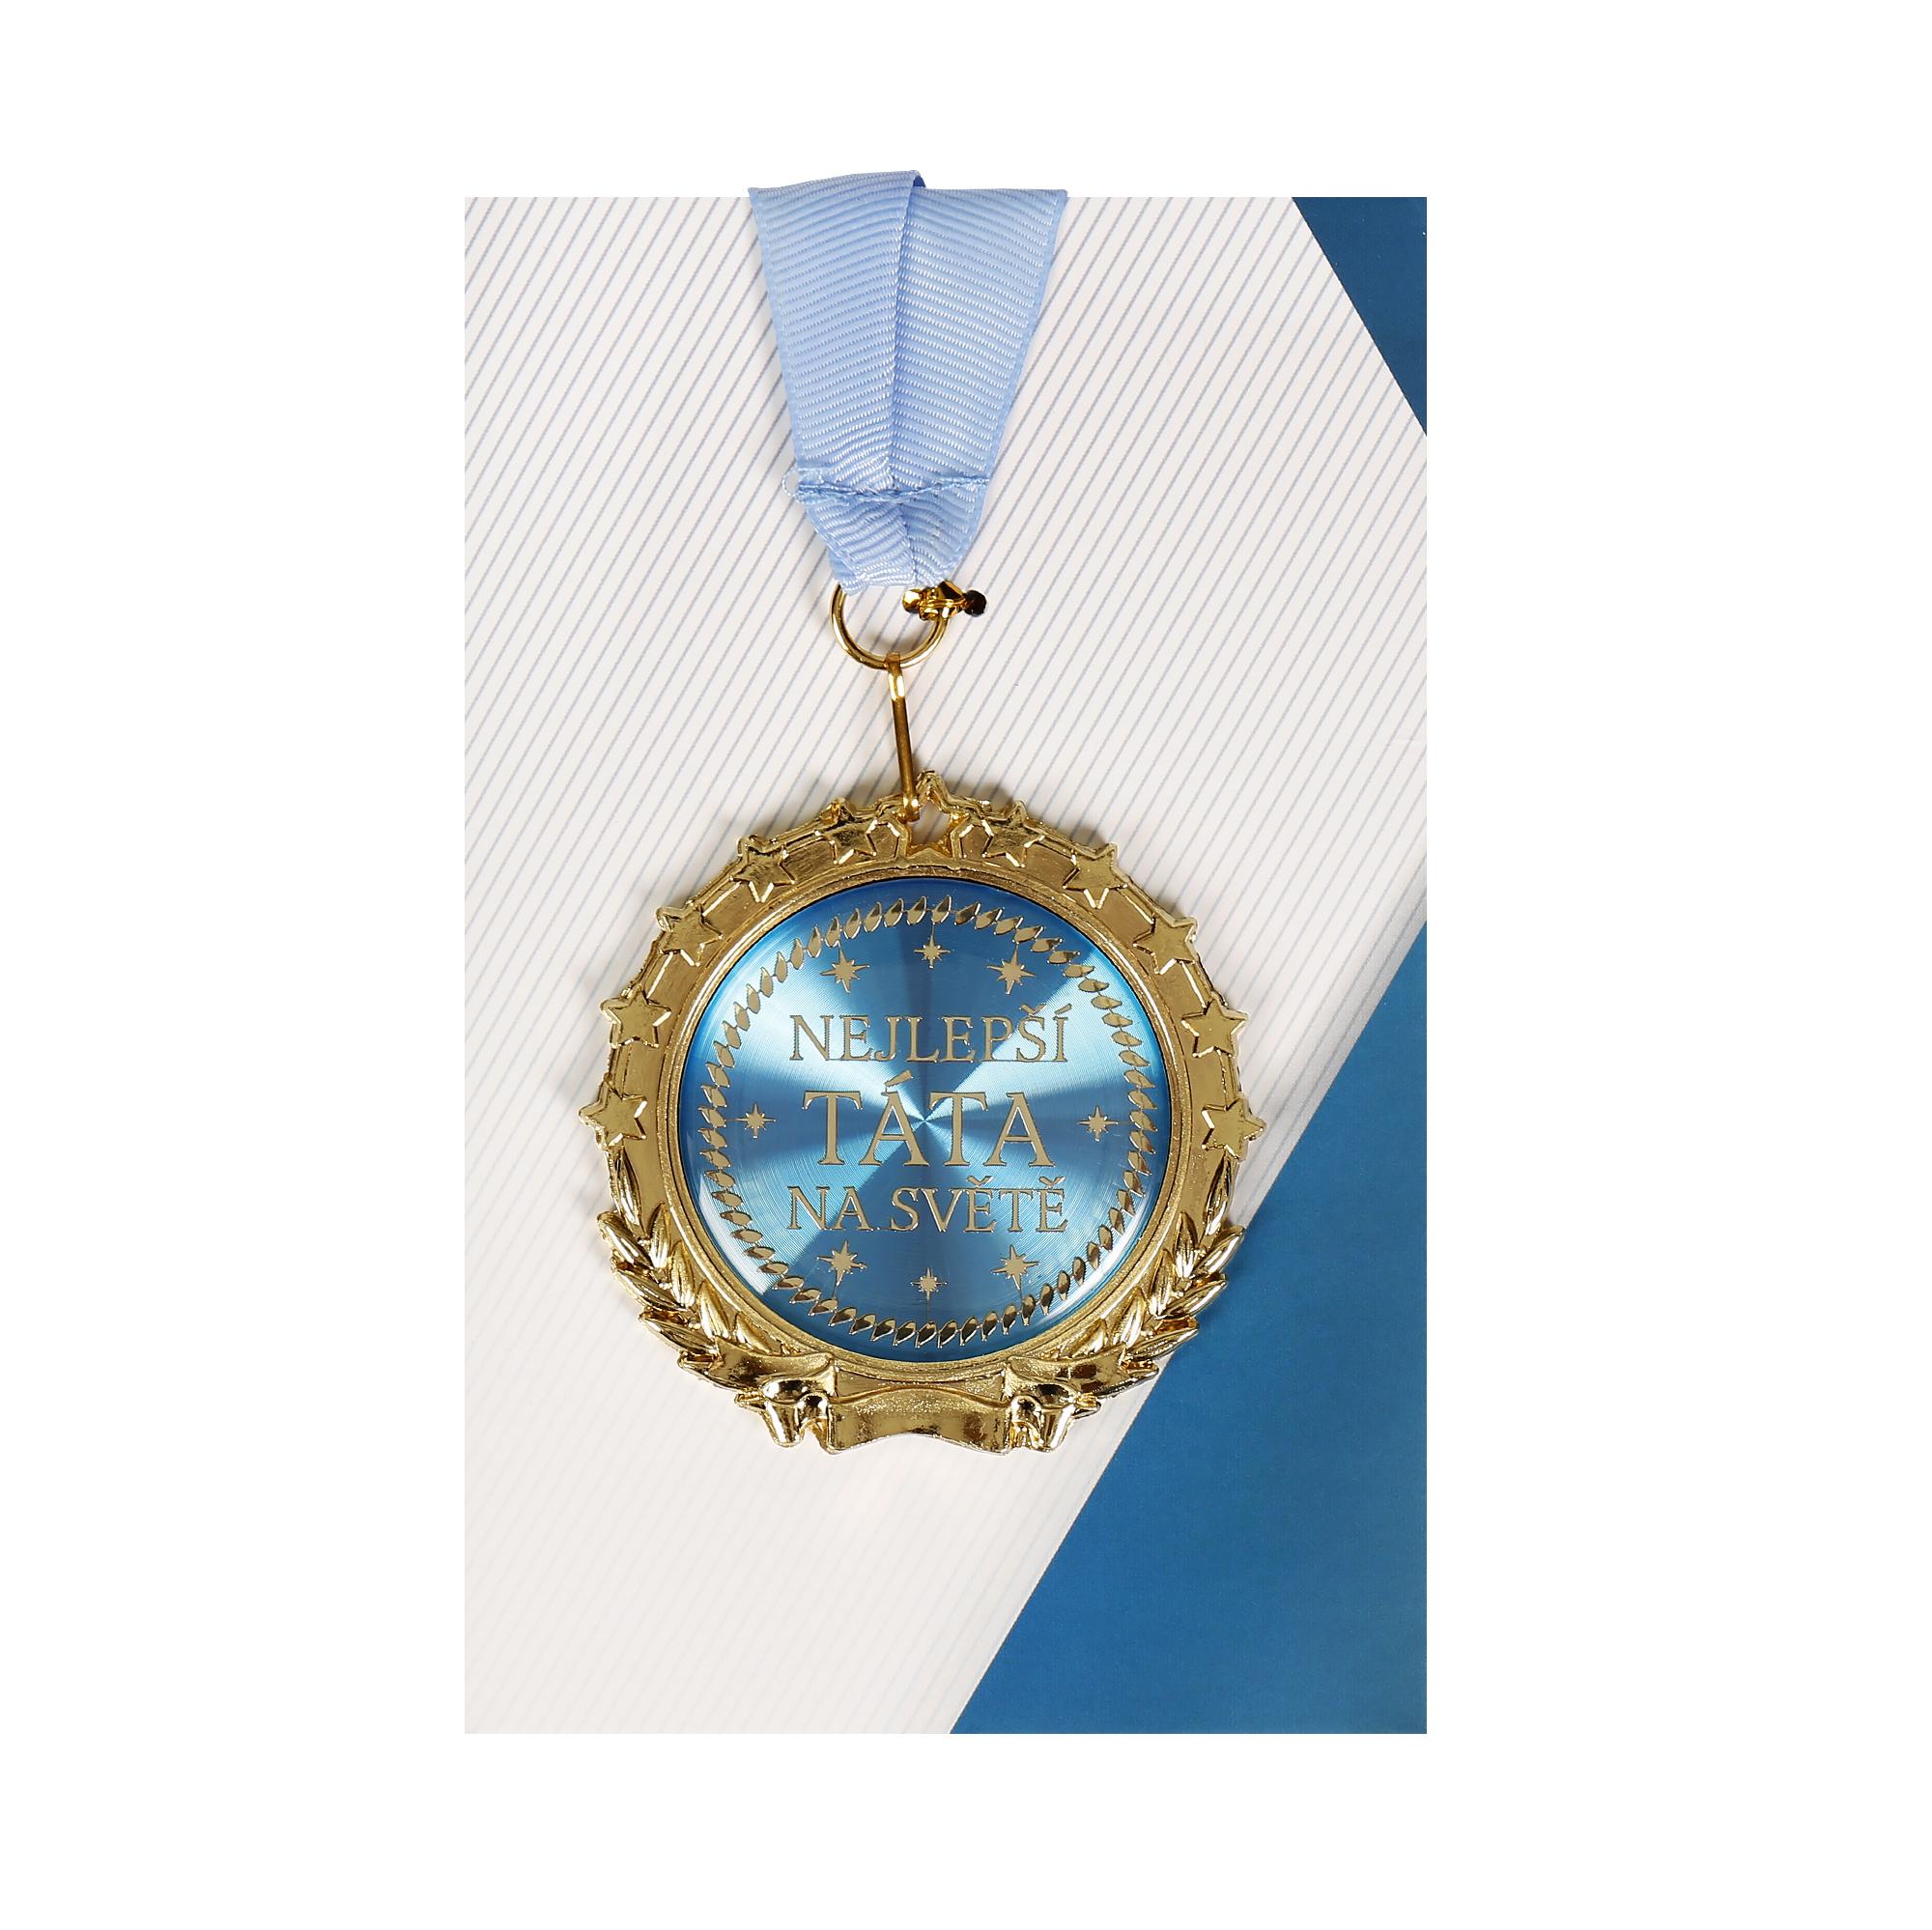 Přání s medailí - Táta